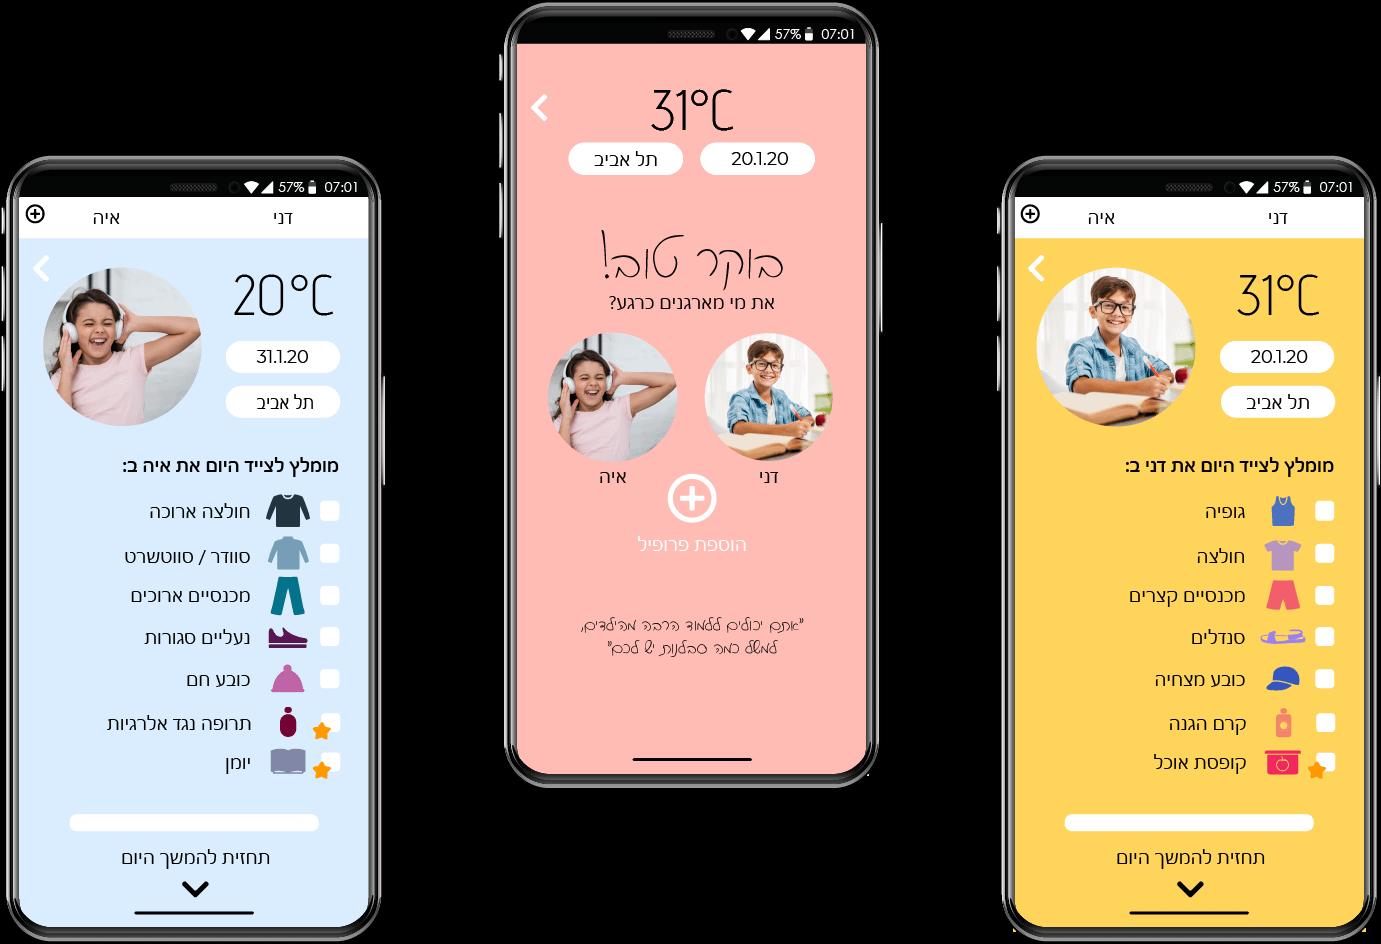 עיצוב בחינוך עיצוב גרפי אפליקציית מזג אוויר להורים UX UI הדמיה תיק עבודות קטיה פובזנר